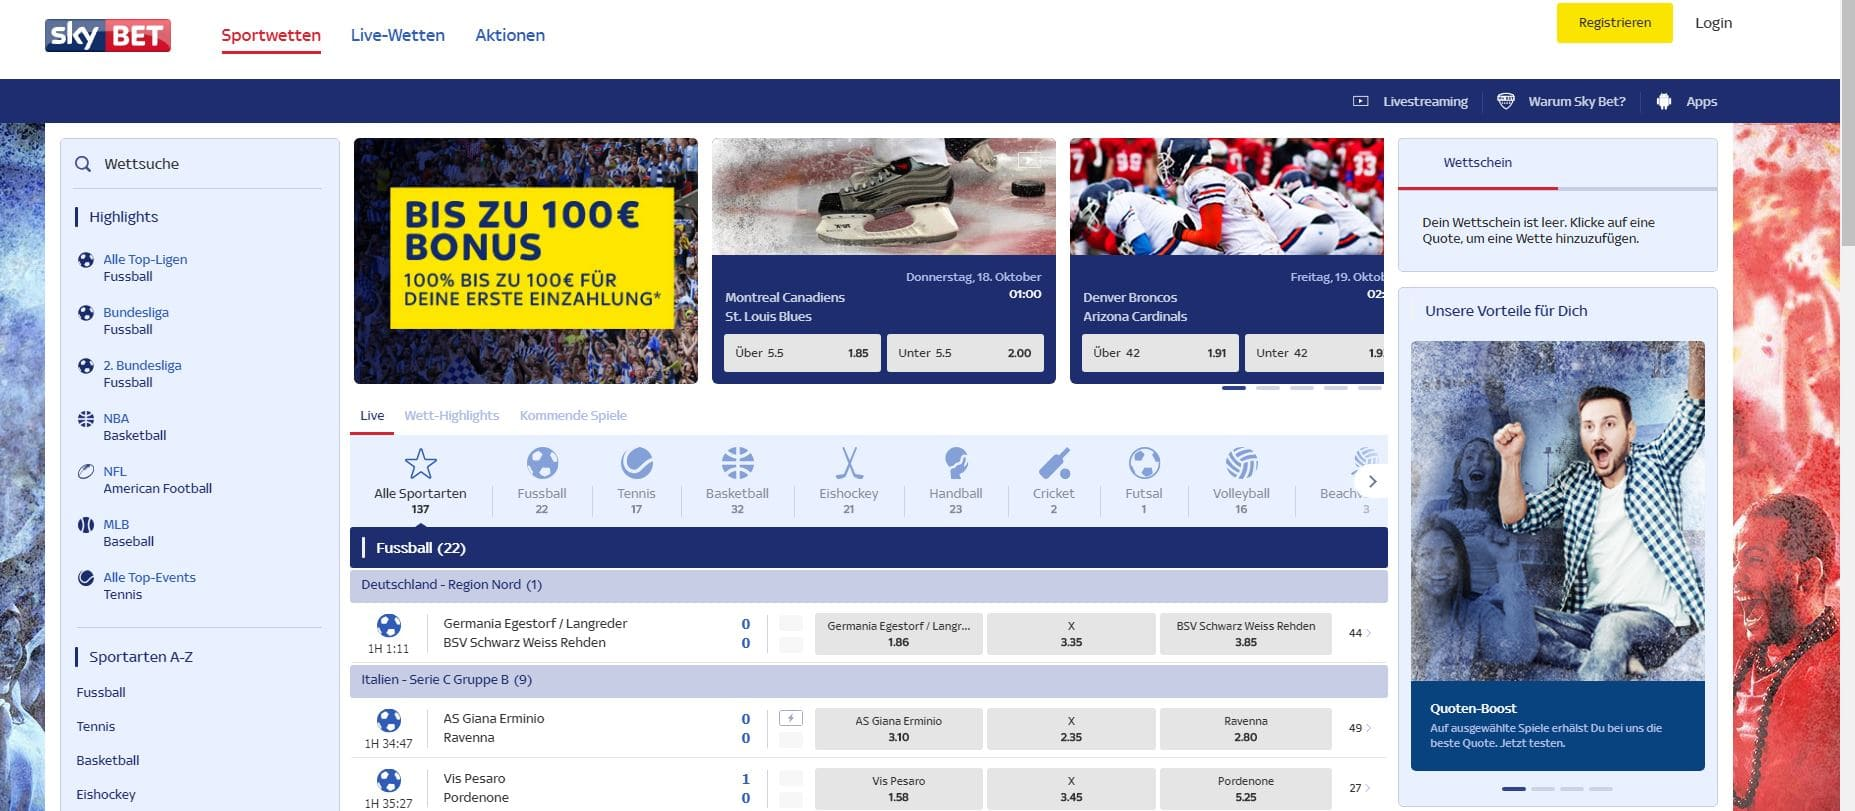 SkyBet Startseite Sky Bet Erfahrungen Sportwetttentest ueber unter sportwetten